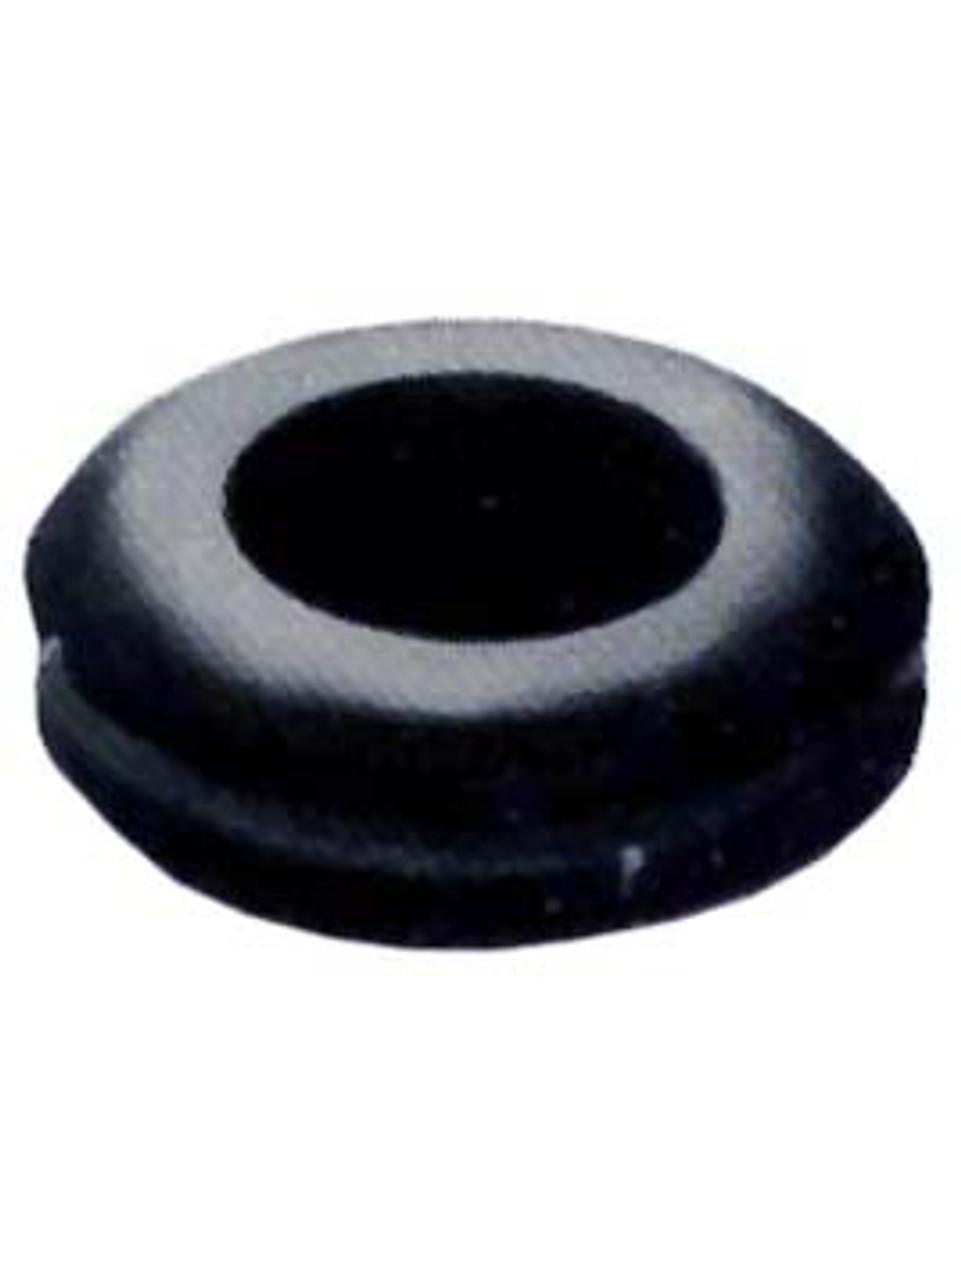 GROM14 --- Rubber Grommet